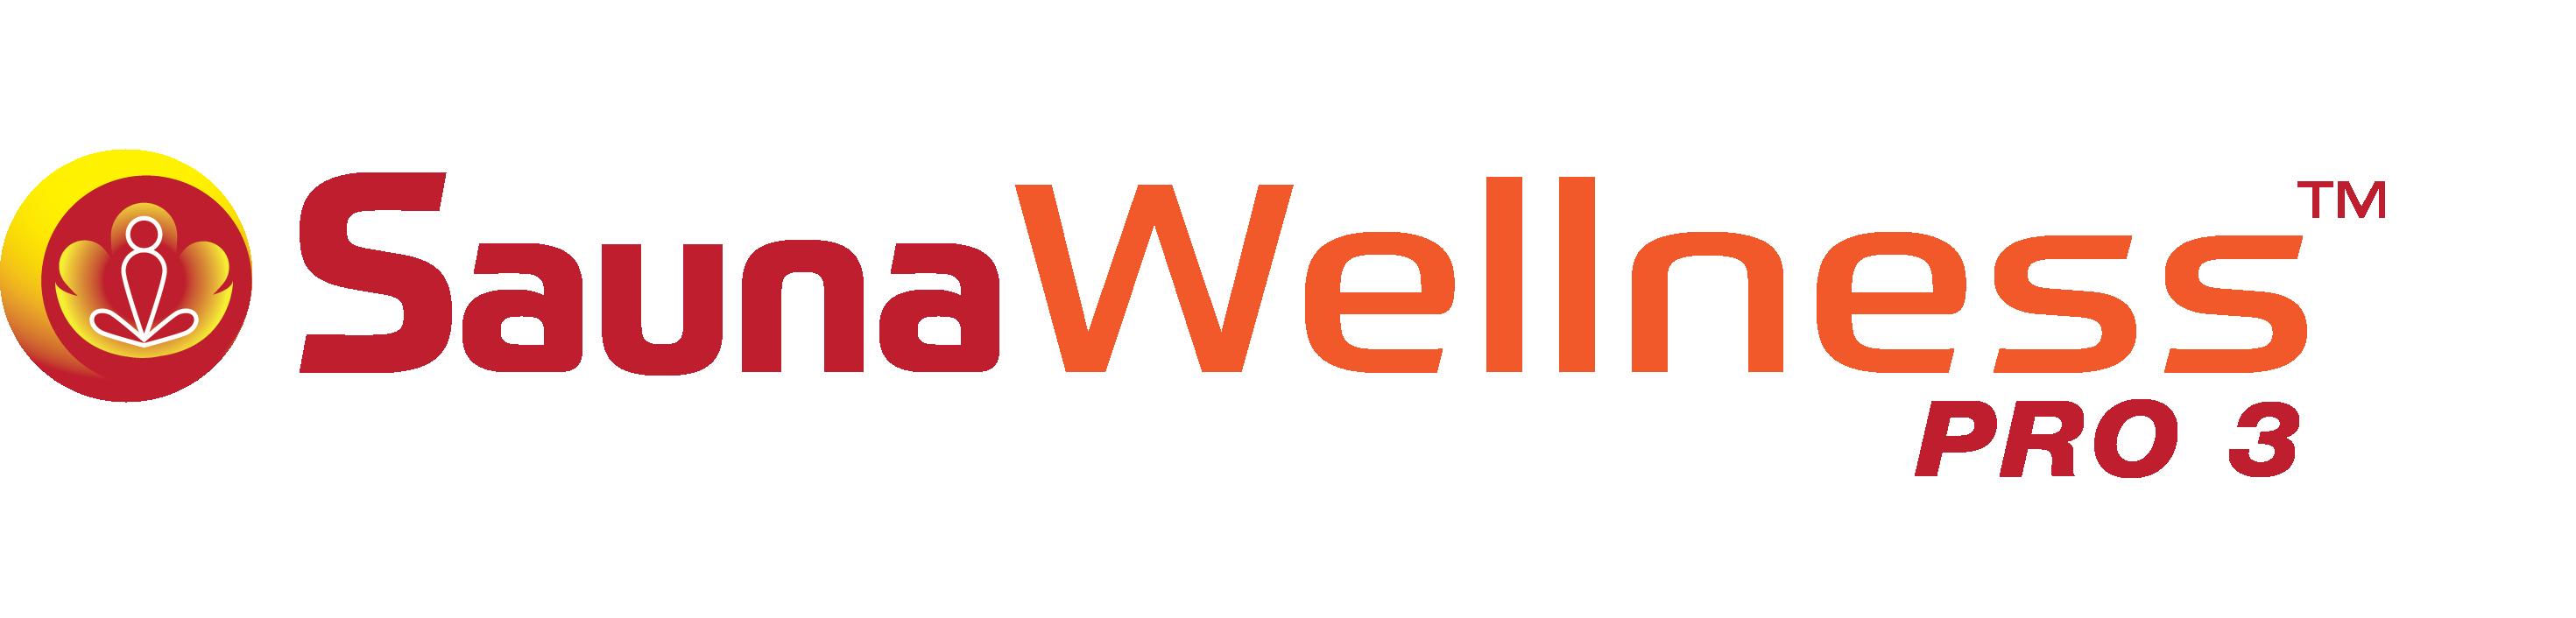 SW3-logo-2-12-2019@2x